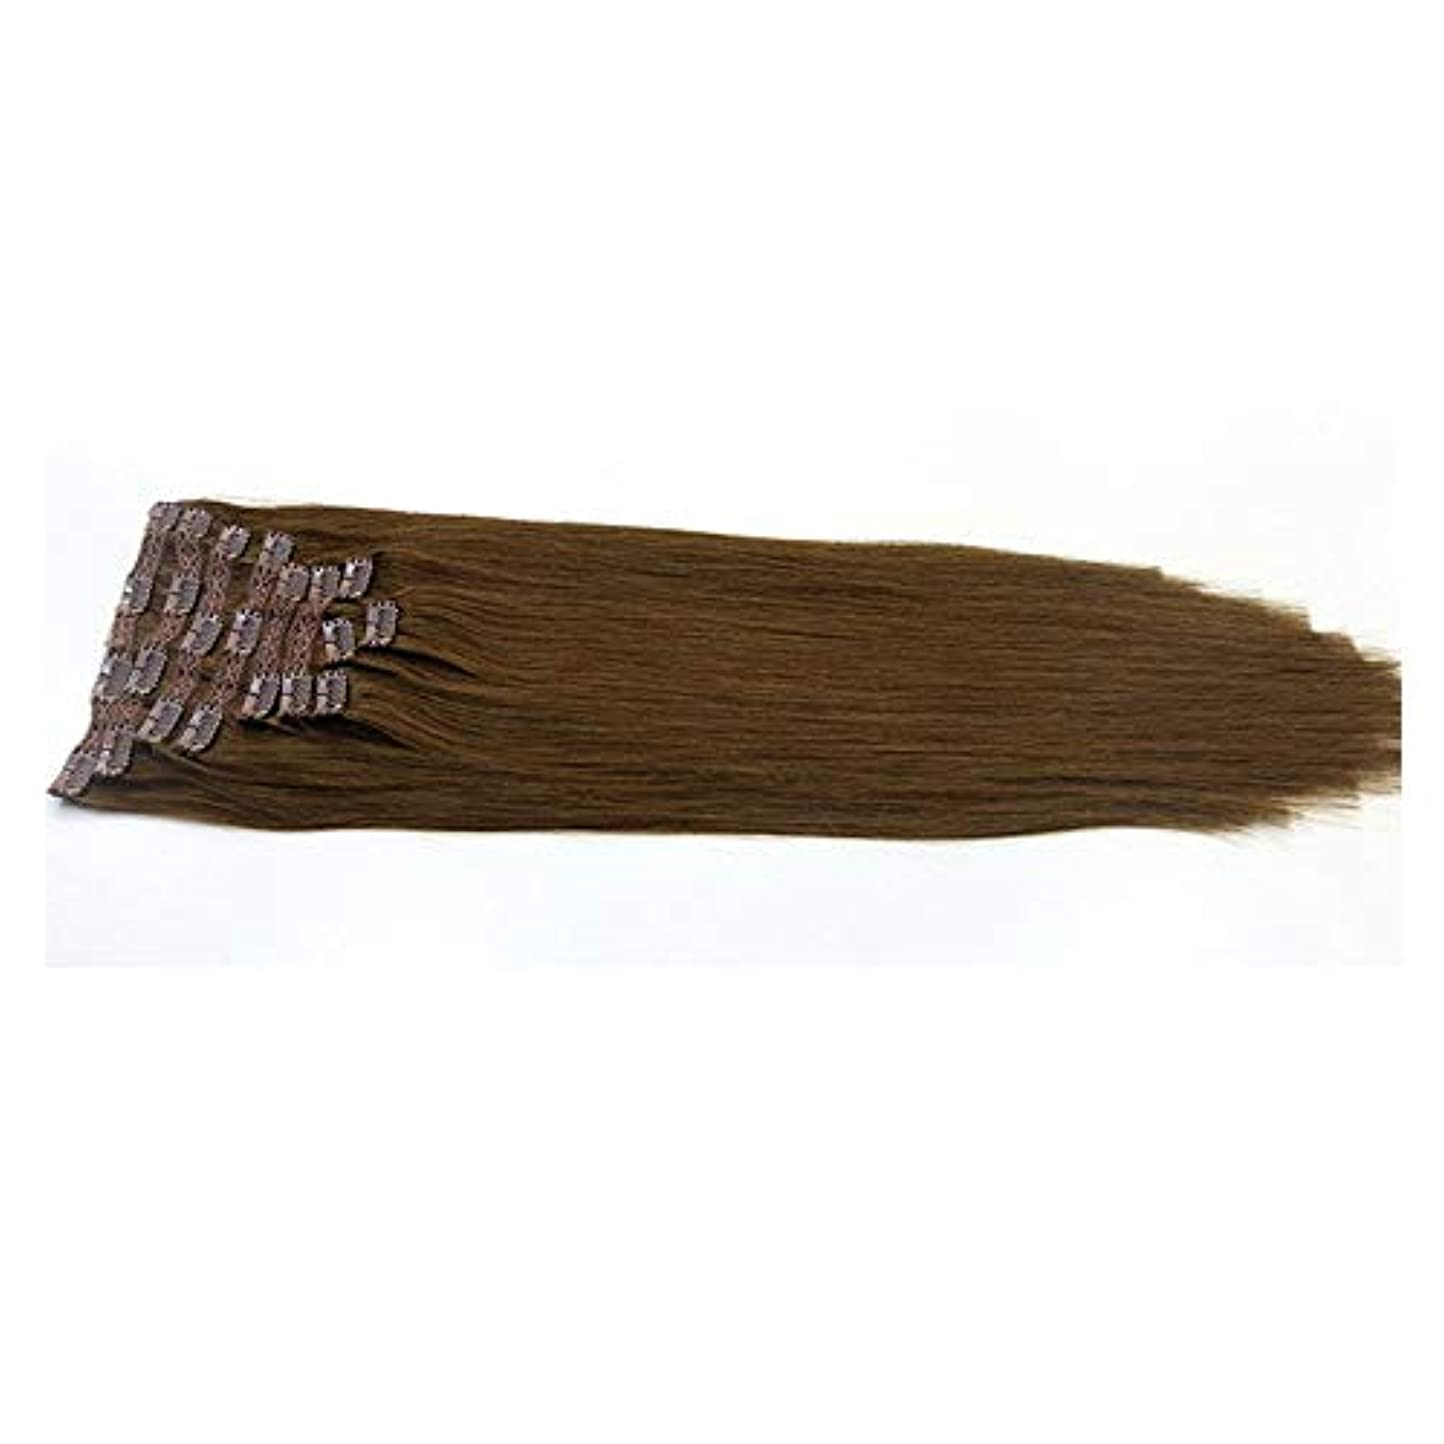 砂利リスナー確立WASAIO 人間の頭部全体の自然ニート横糸ヘアエクステンションクリップのシームレスな髪型ブラジルクリップ (色 : ブラウン, サイズ : 28 inch)